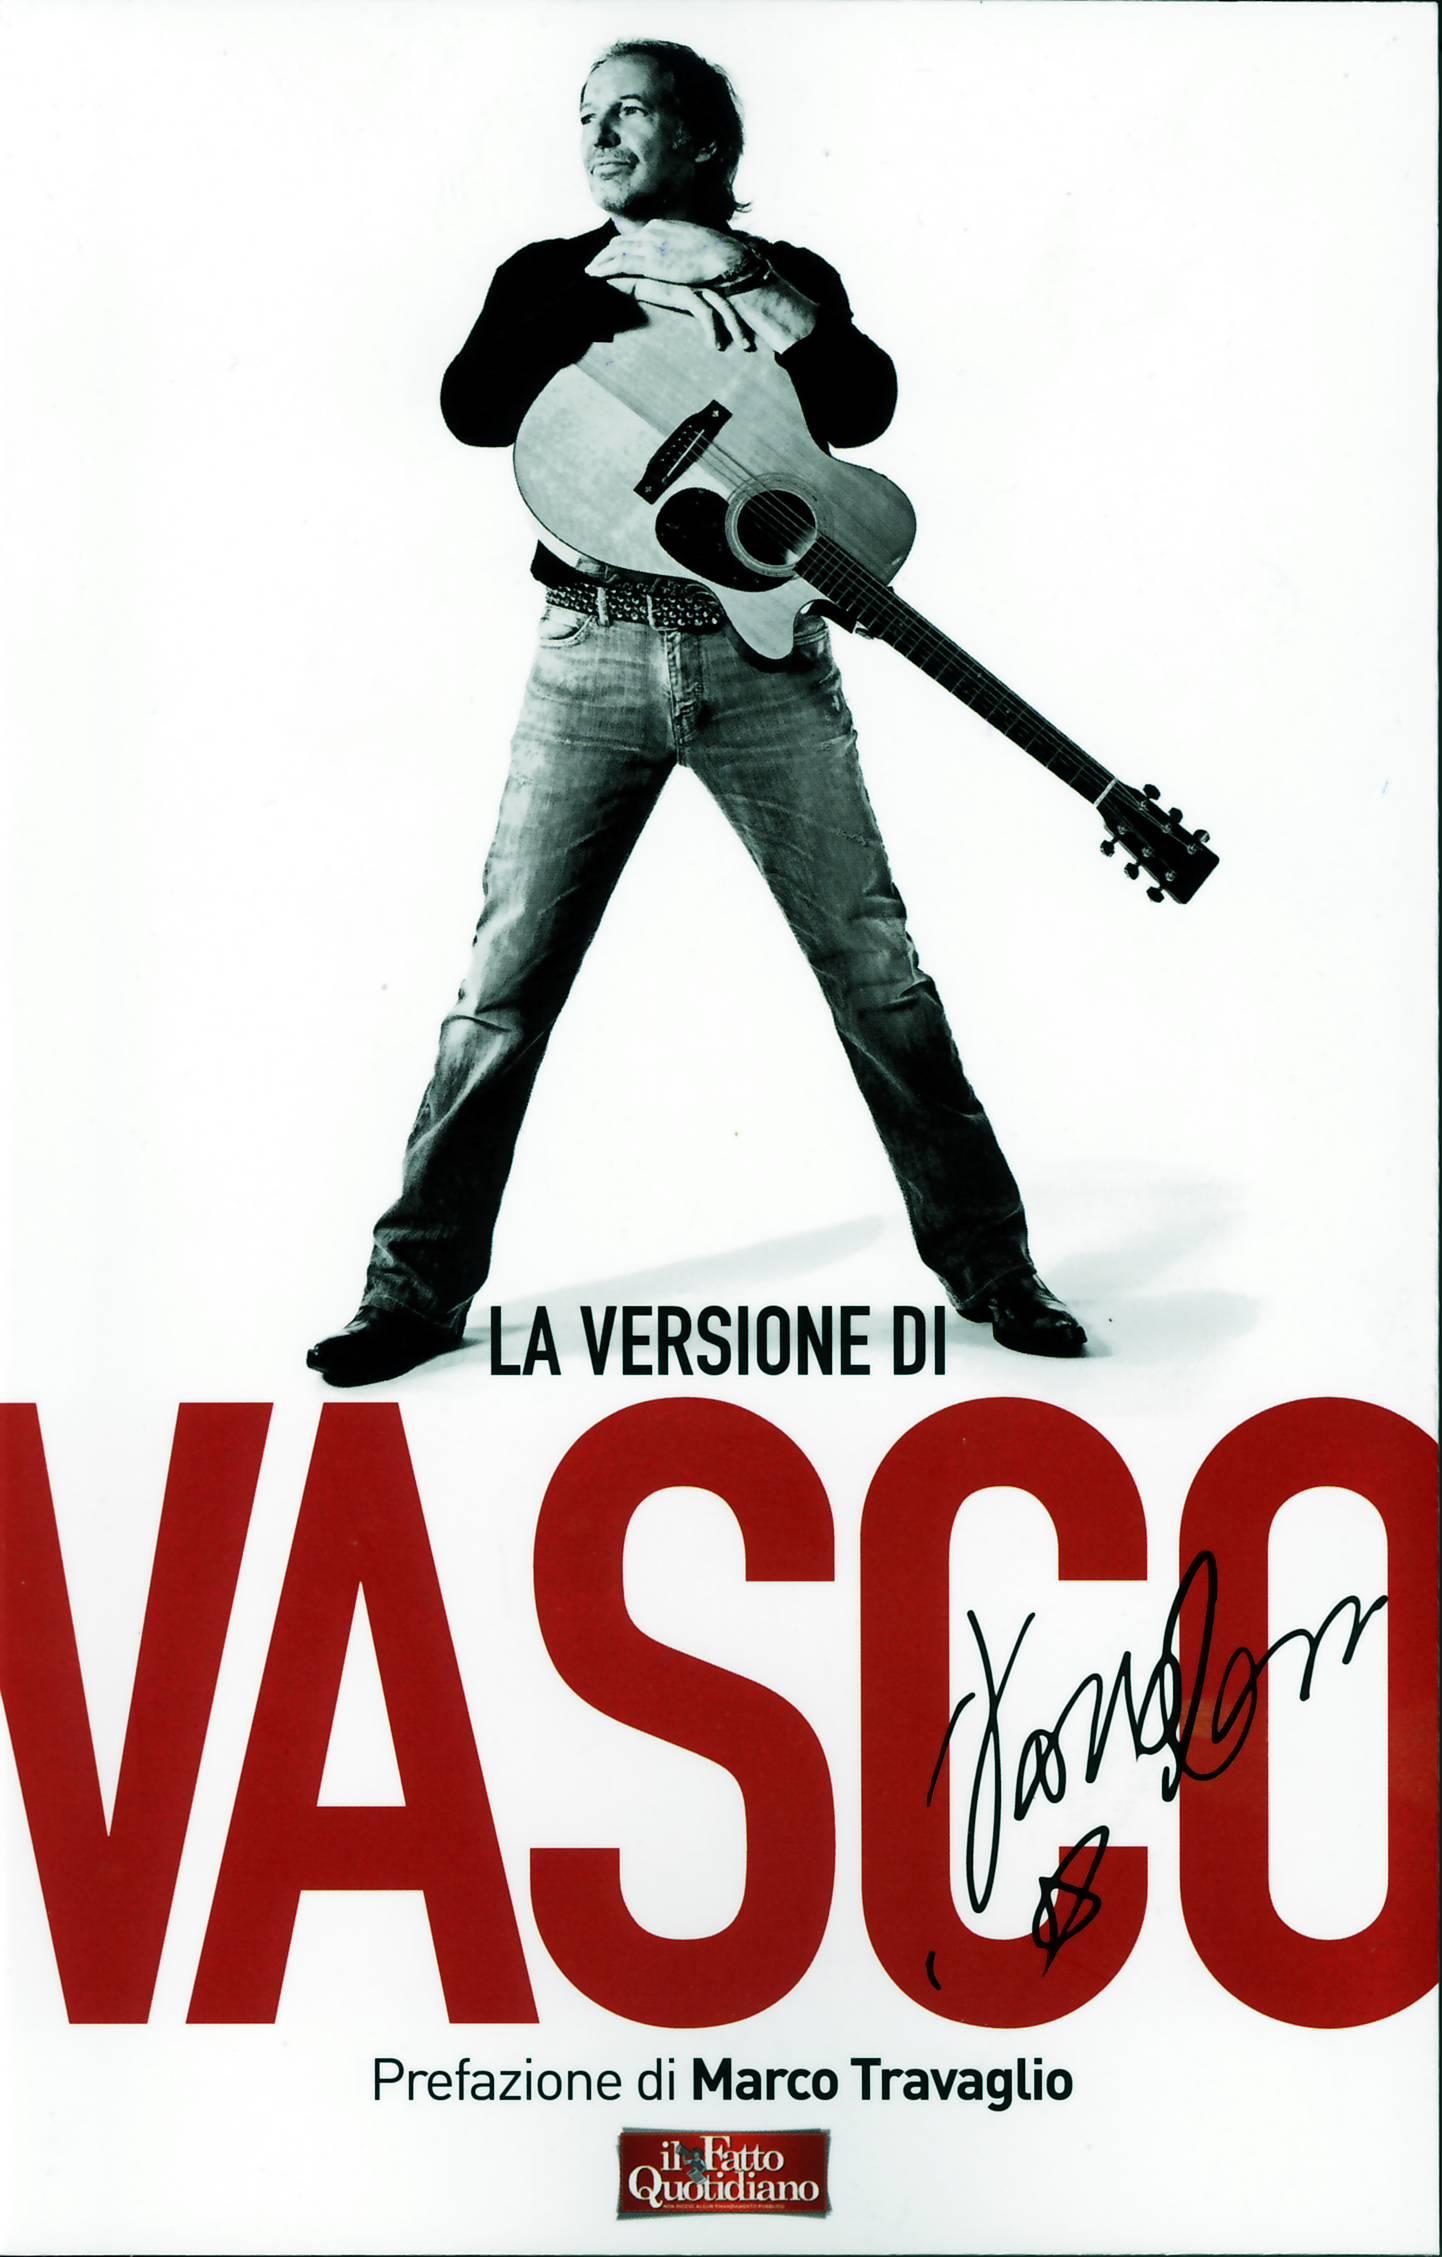 La versione di Vasco